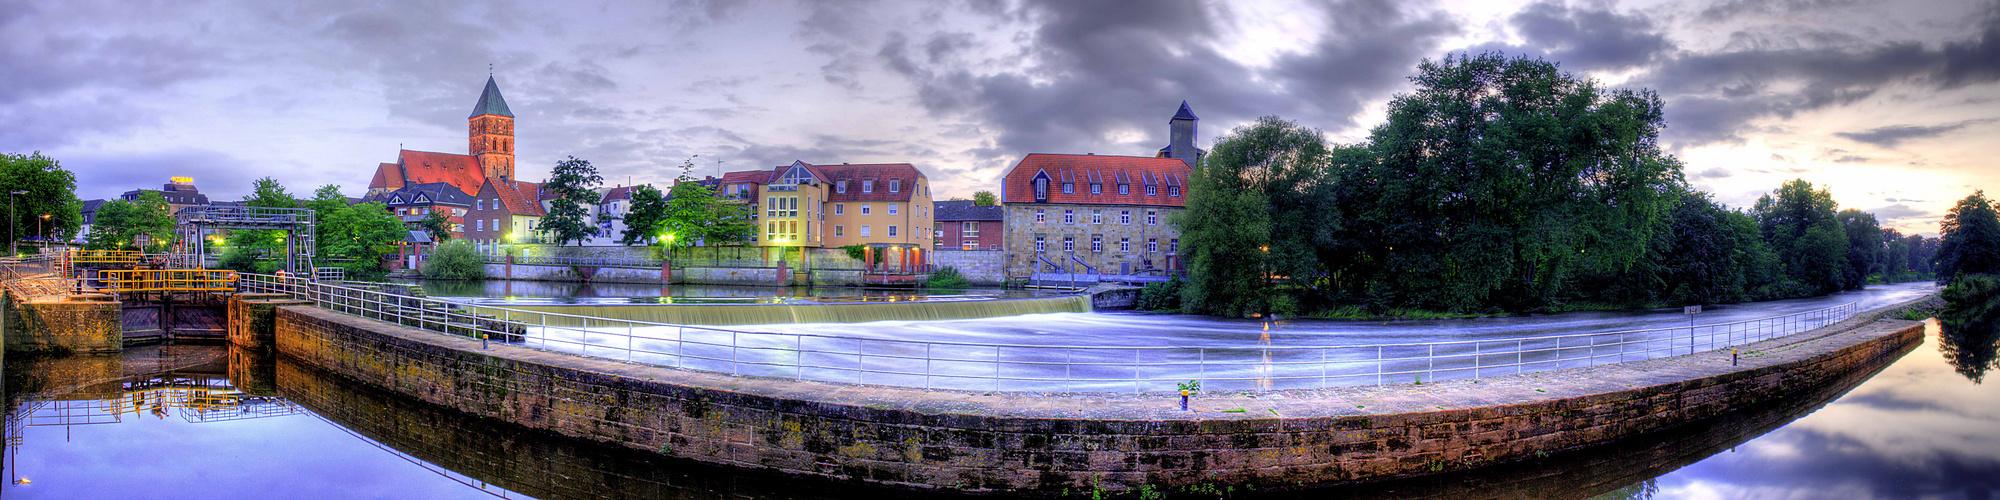 Panorama Stadt Rheine